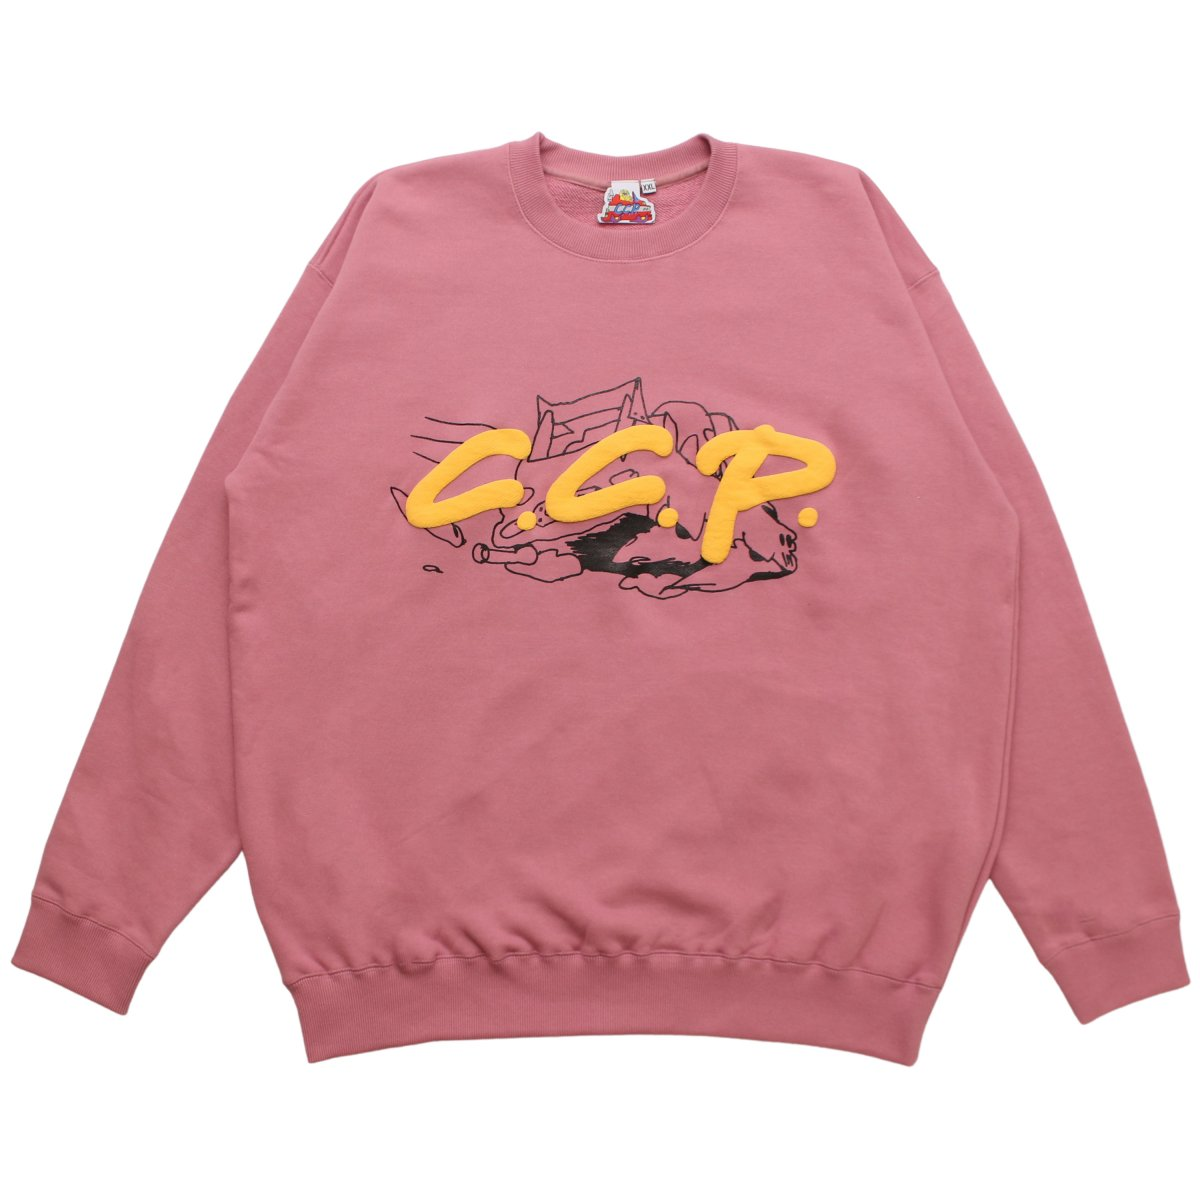 C.C.P.  Flying Logo Sweatshirt【ROSE】